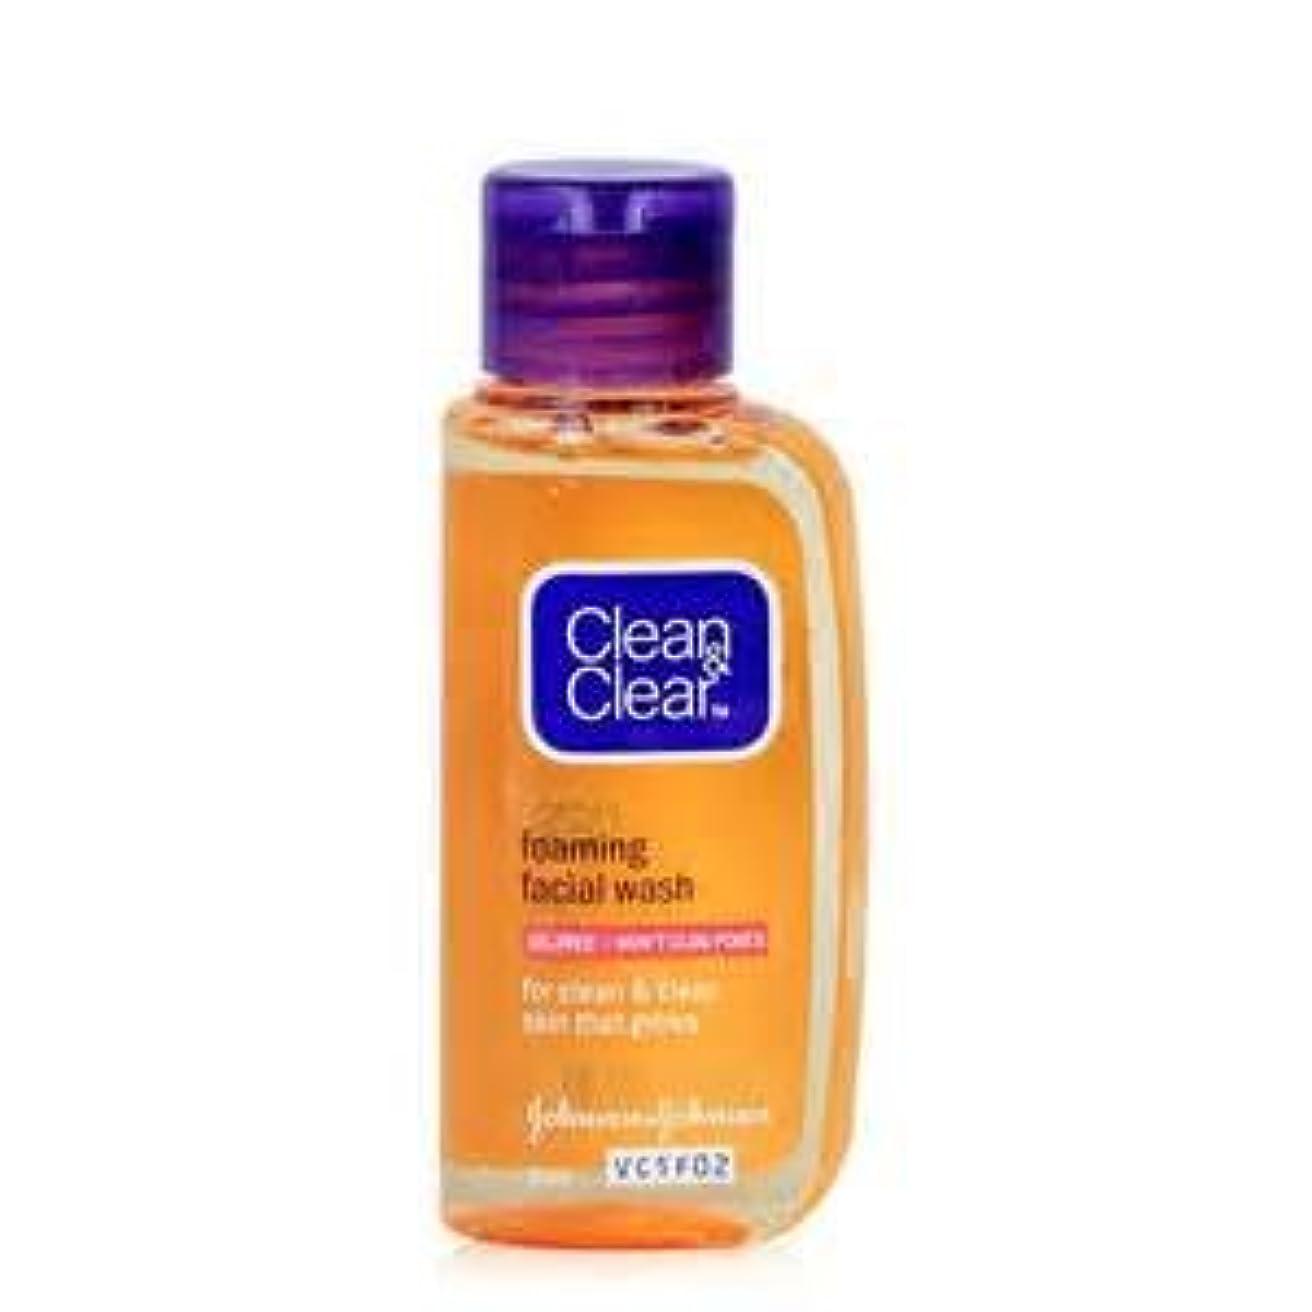 固体バイアス補充クリーン&クリア エッセンシャル フォーミング フェイシャル ウォッシュ clean&clear essentials foaming facial wash 50ml